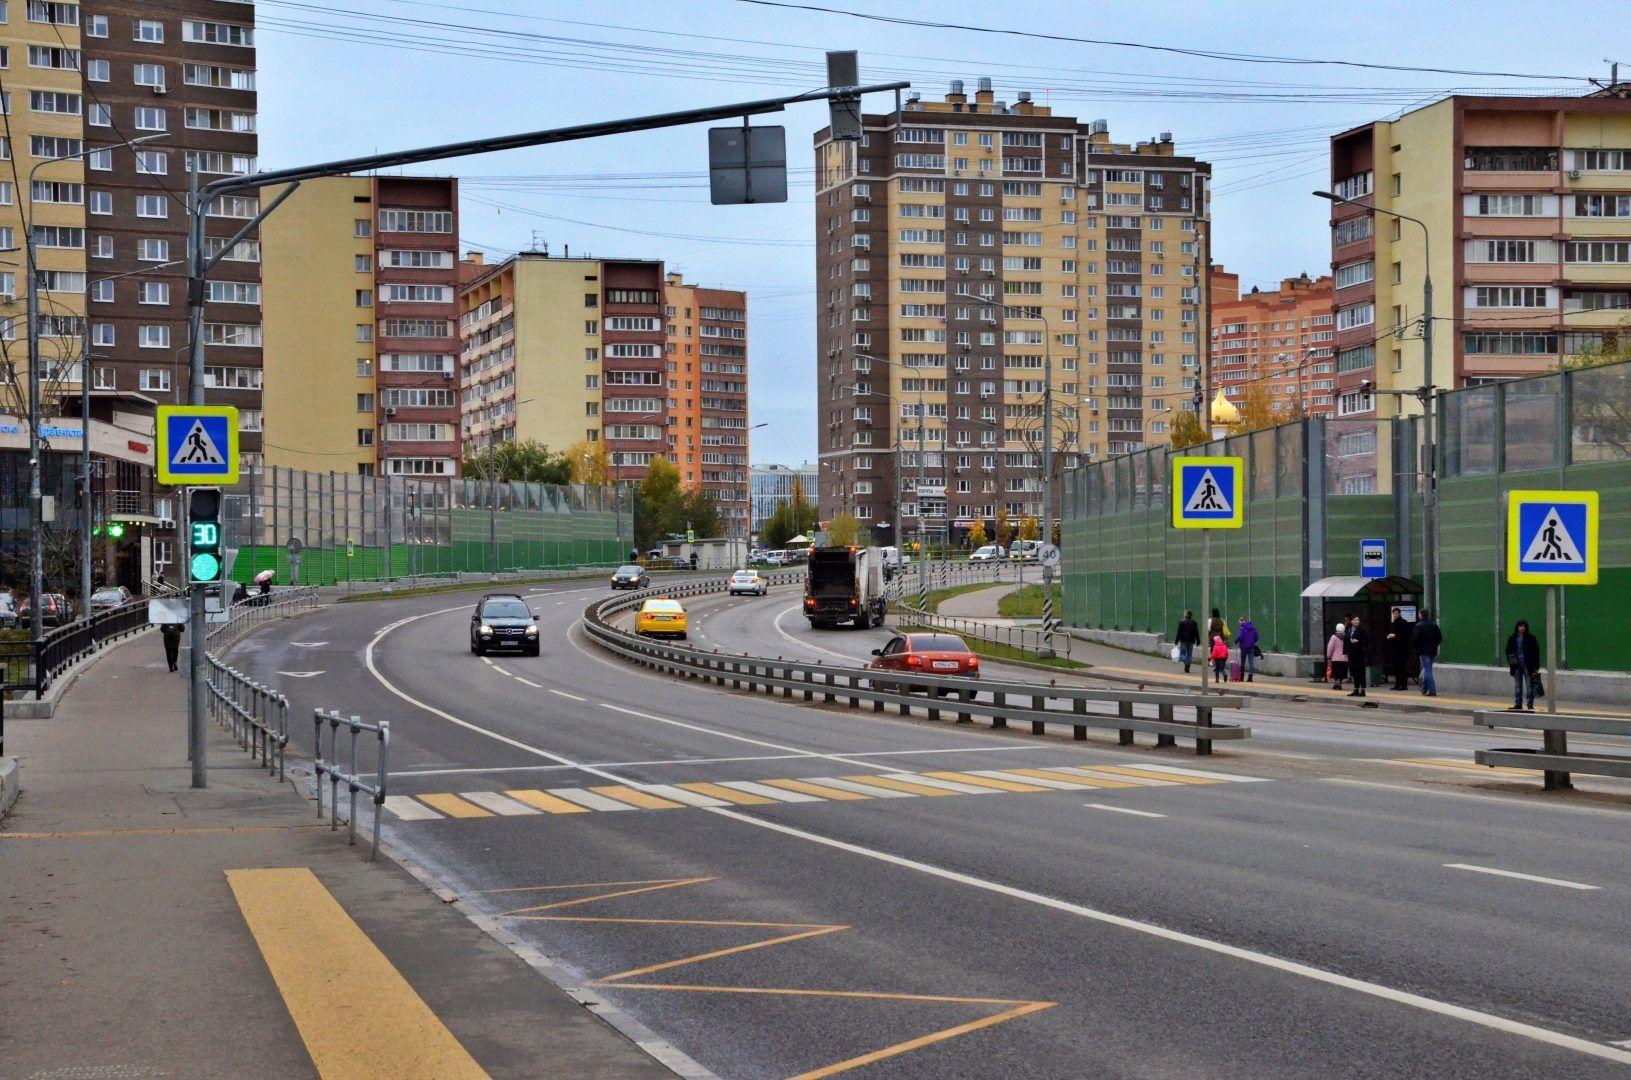 Всего в этом районе создадут и обновят порядка 2,5 километра общественного пространства. Фото: Анна Быкова